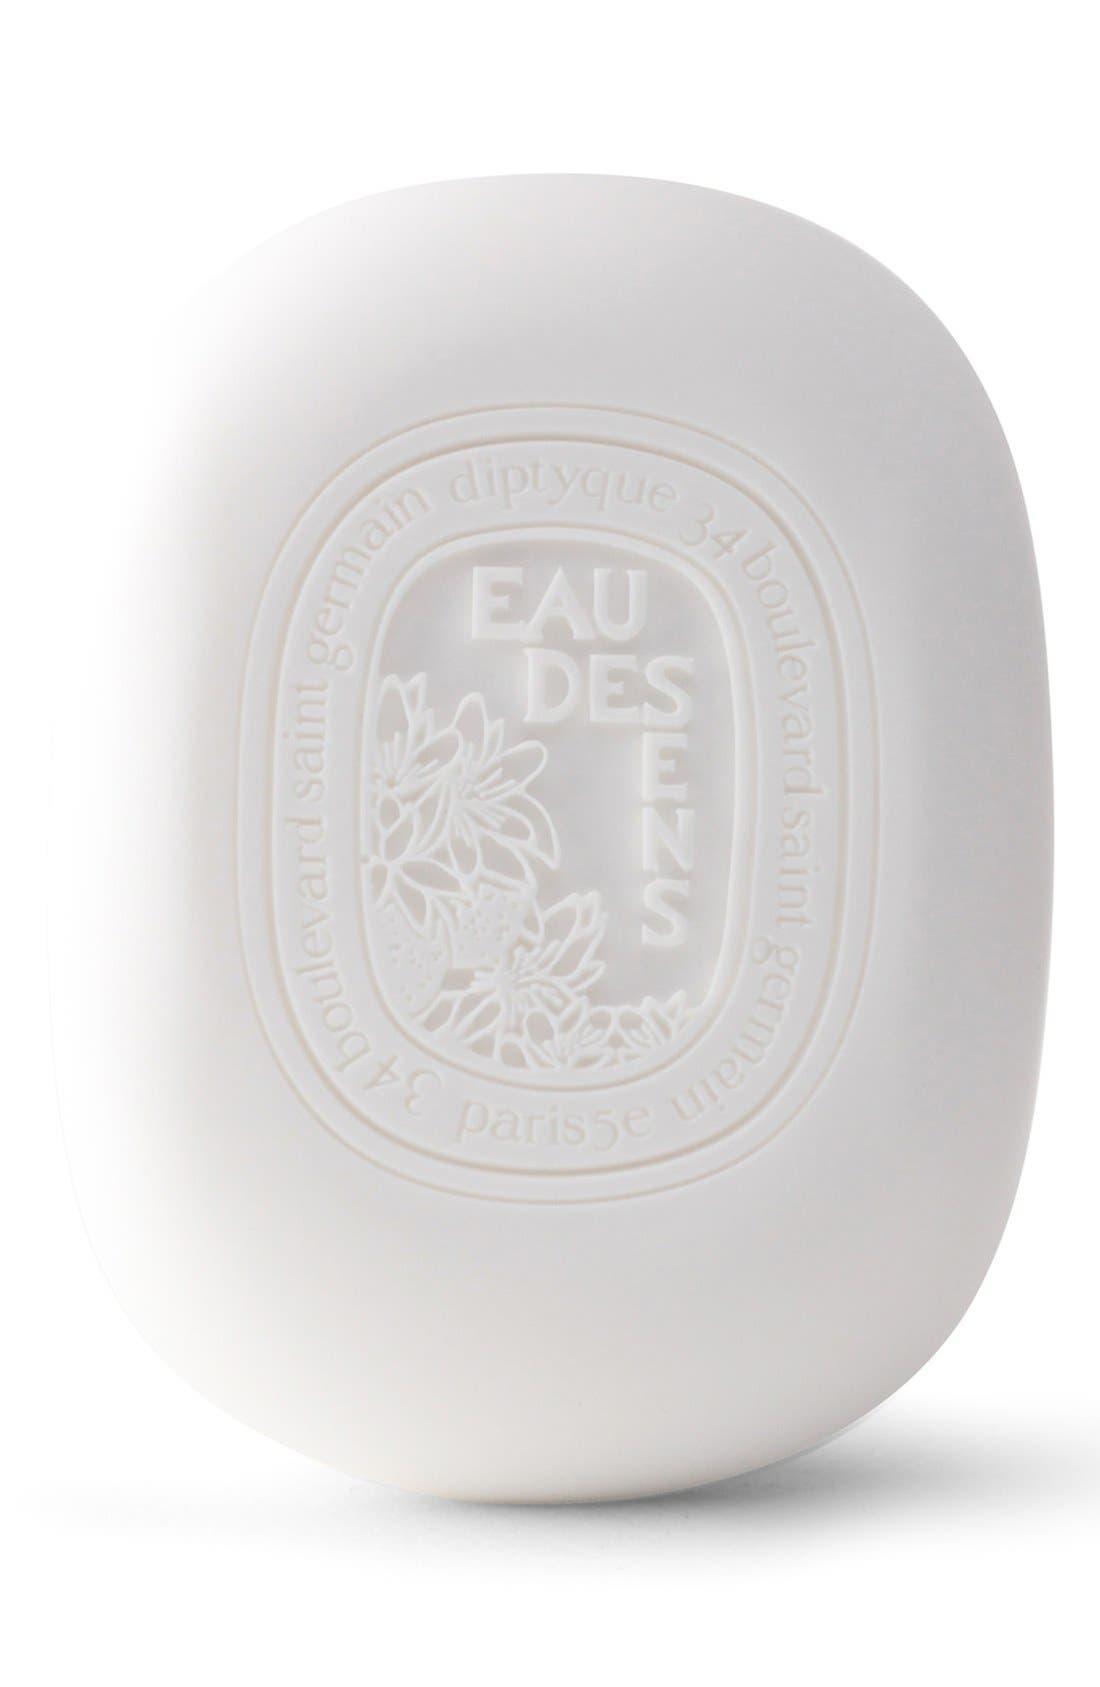 diptyque Eau des Sens Soap